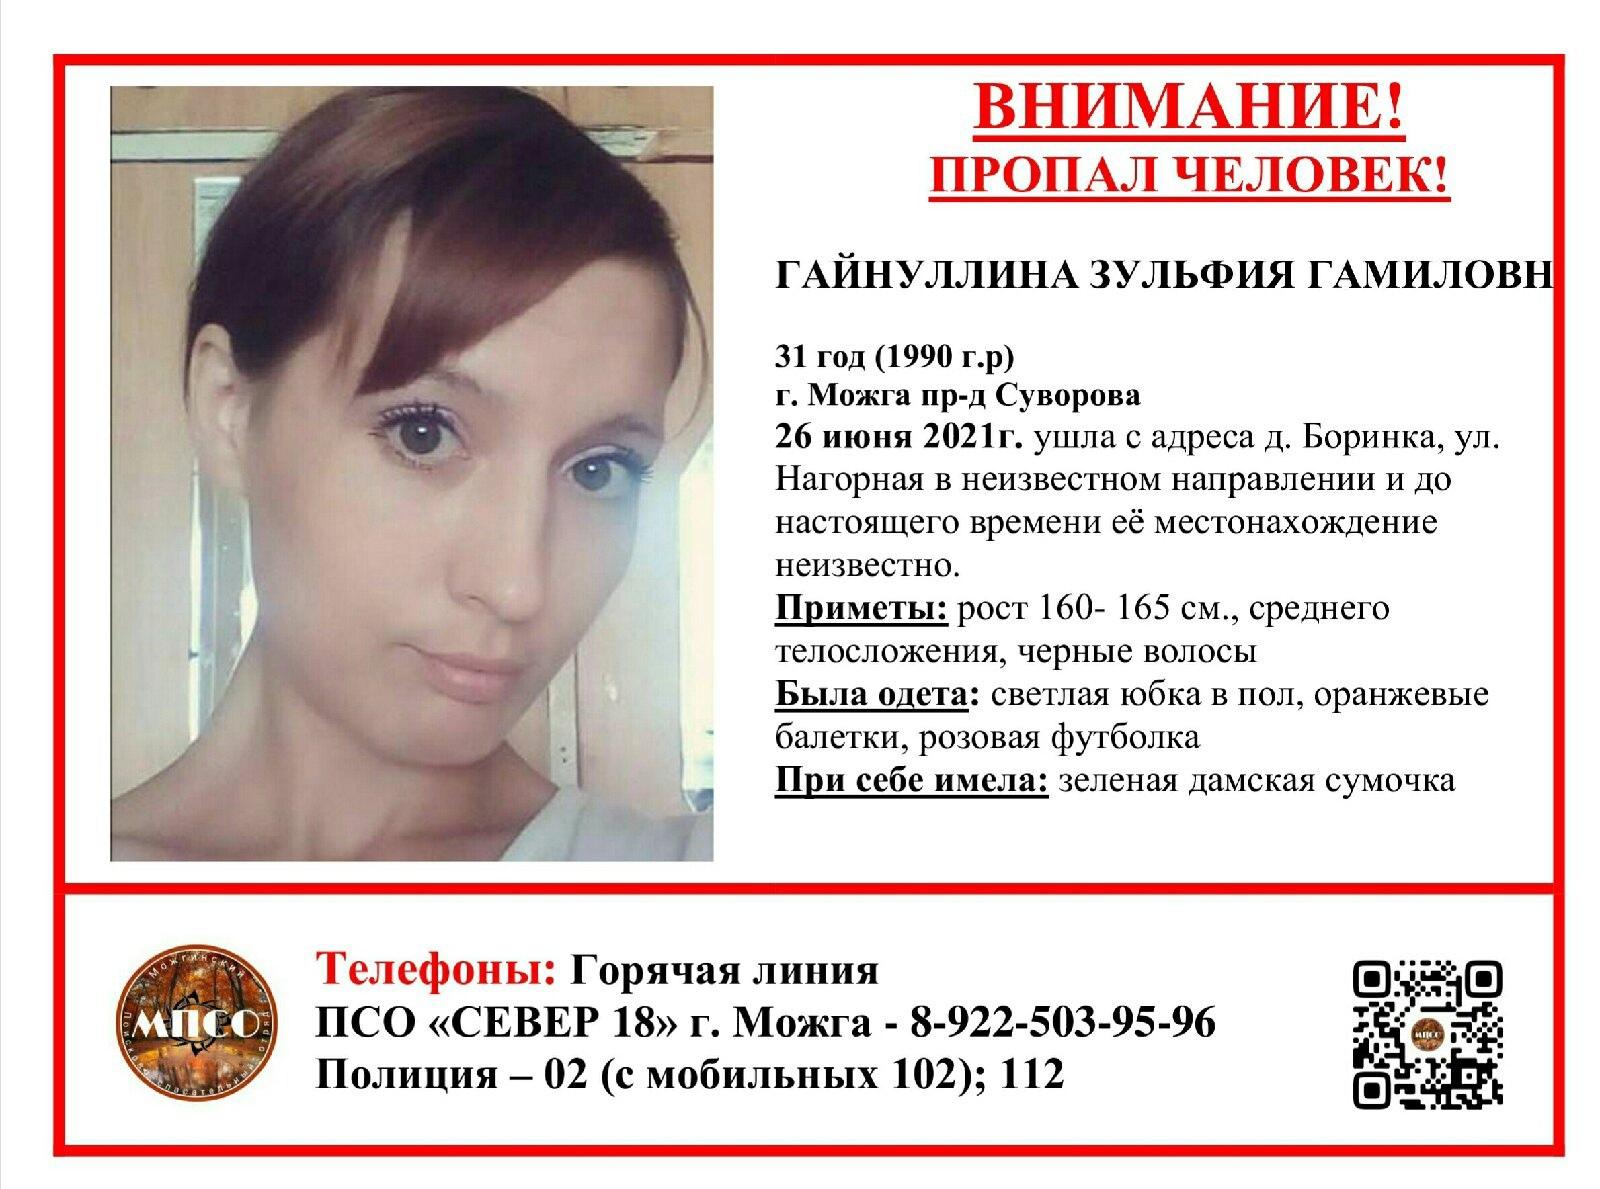 Внимание, пропал человек! Гайнуллина Зульфия Гамиловна, 31